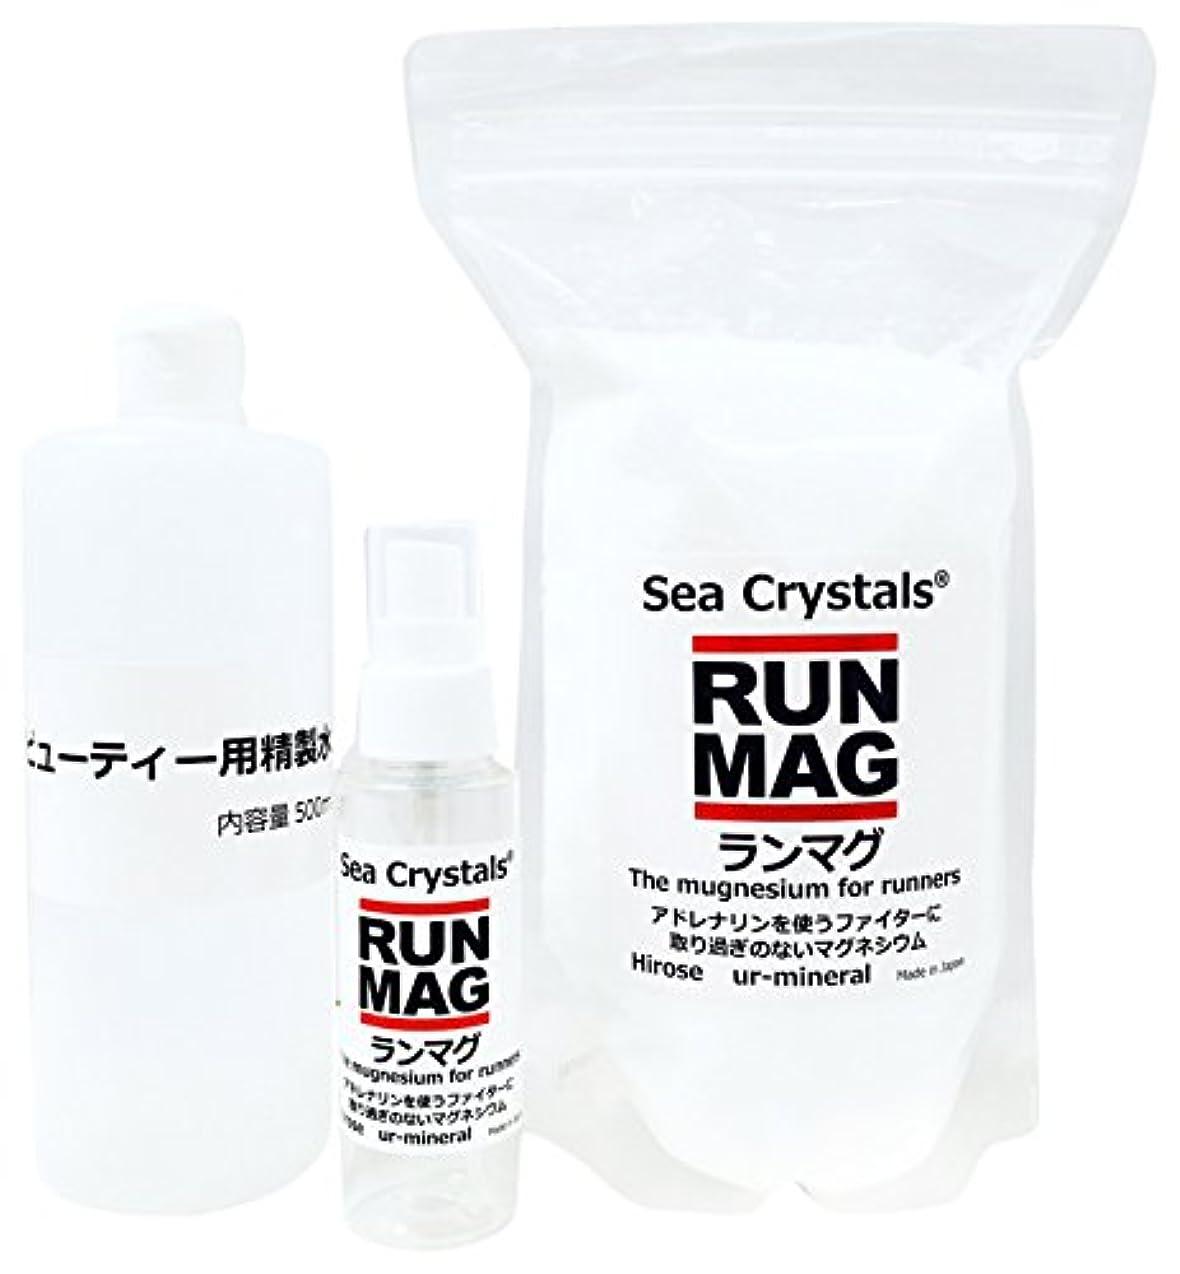 仲人黒板人事ランマグ?マグネシウムオイル 500g 化粧品登録 日本製 1日マグネシウム360mg使用  精製水付き